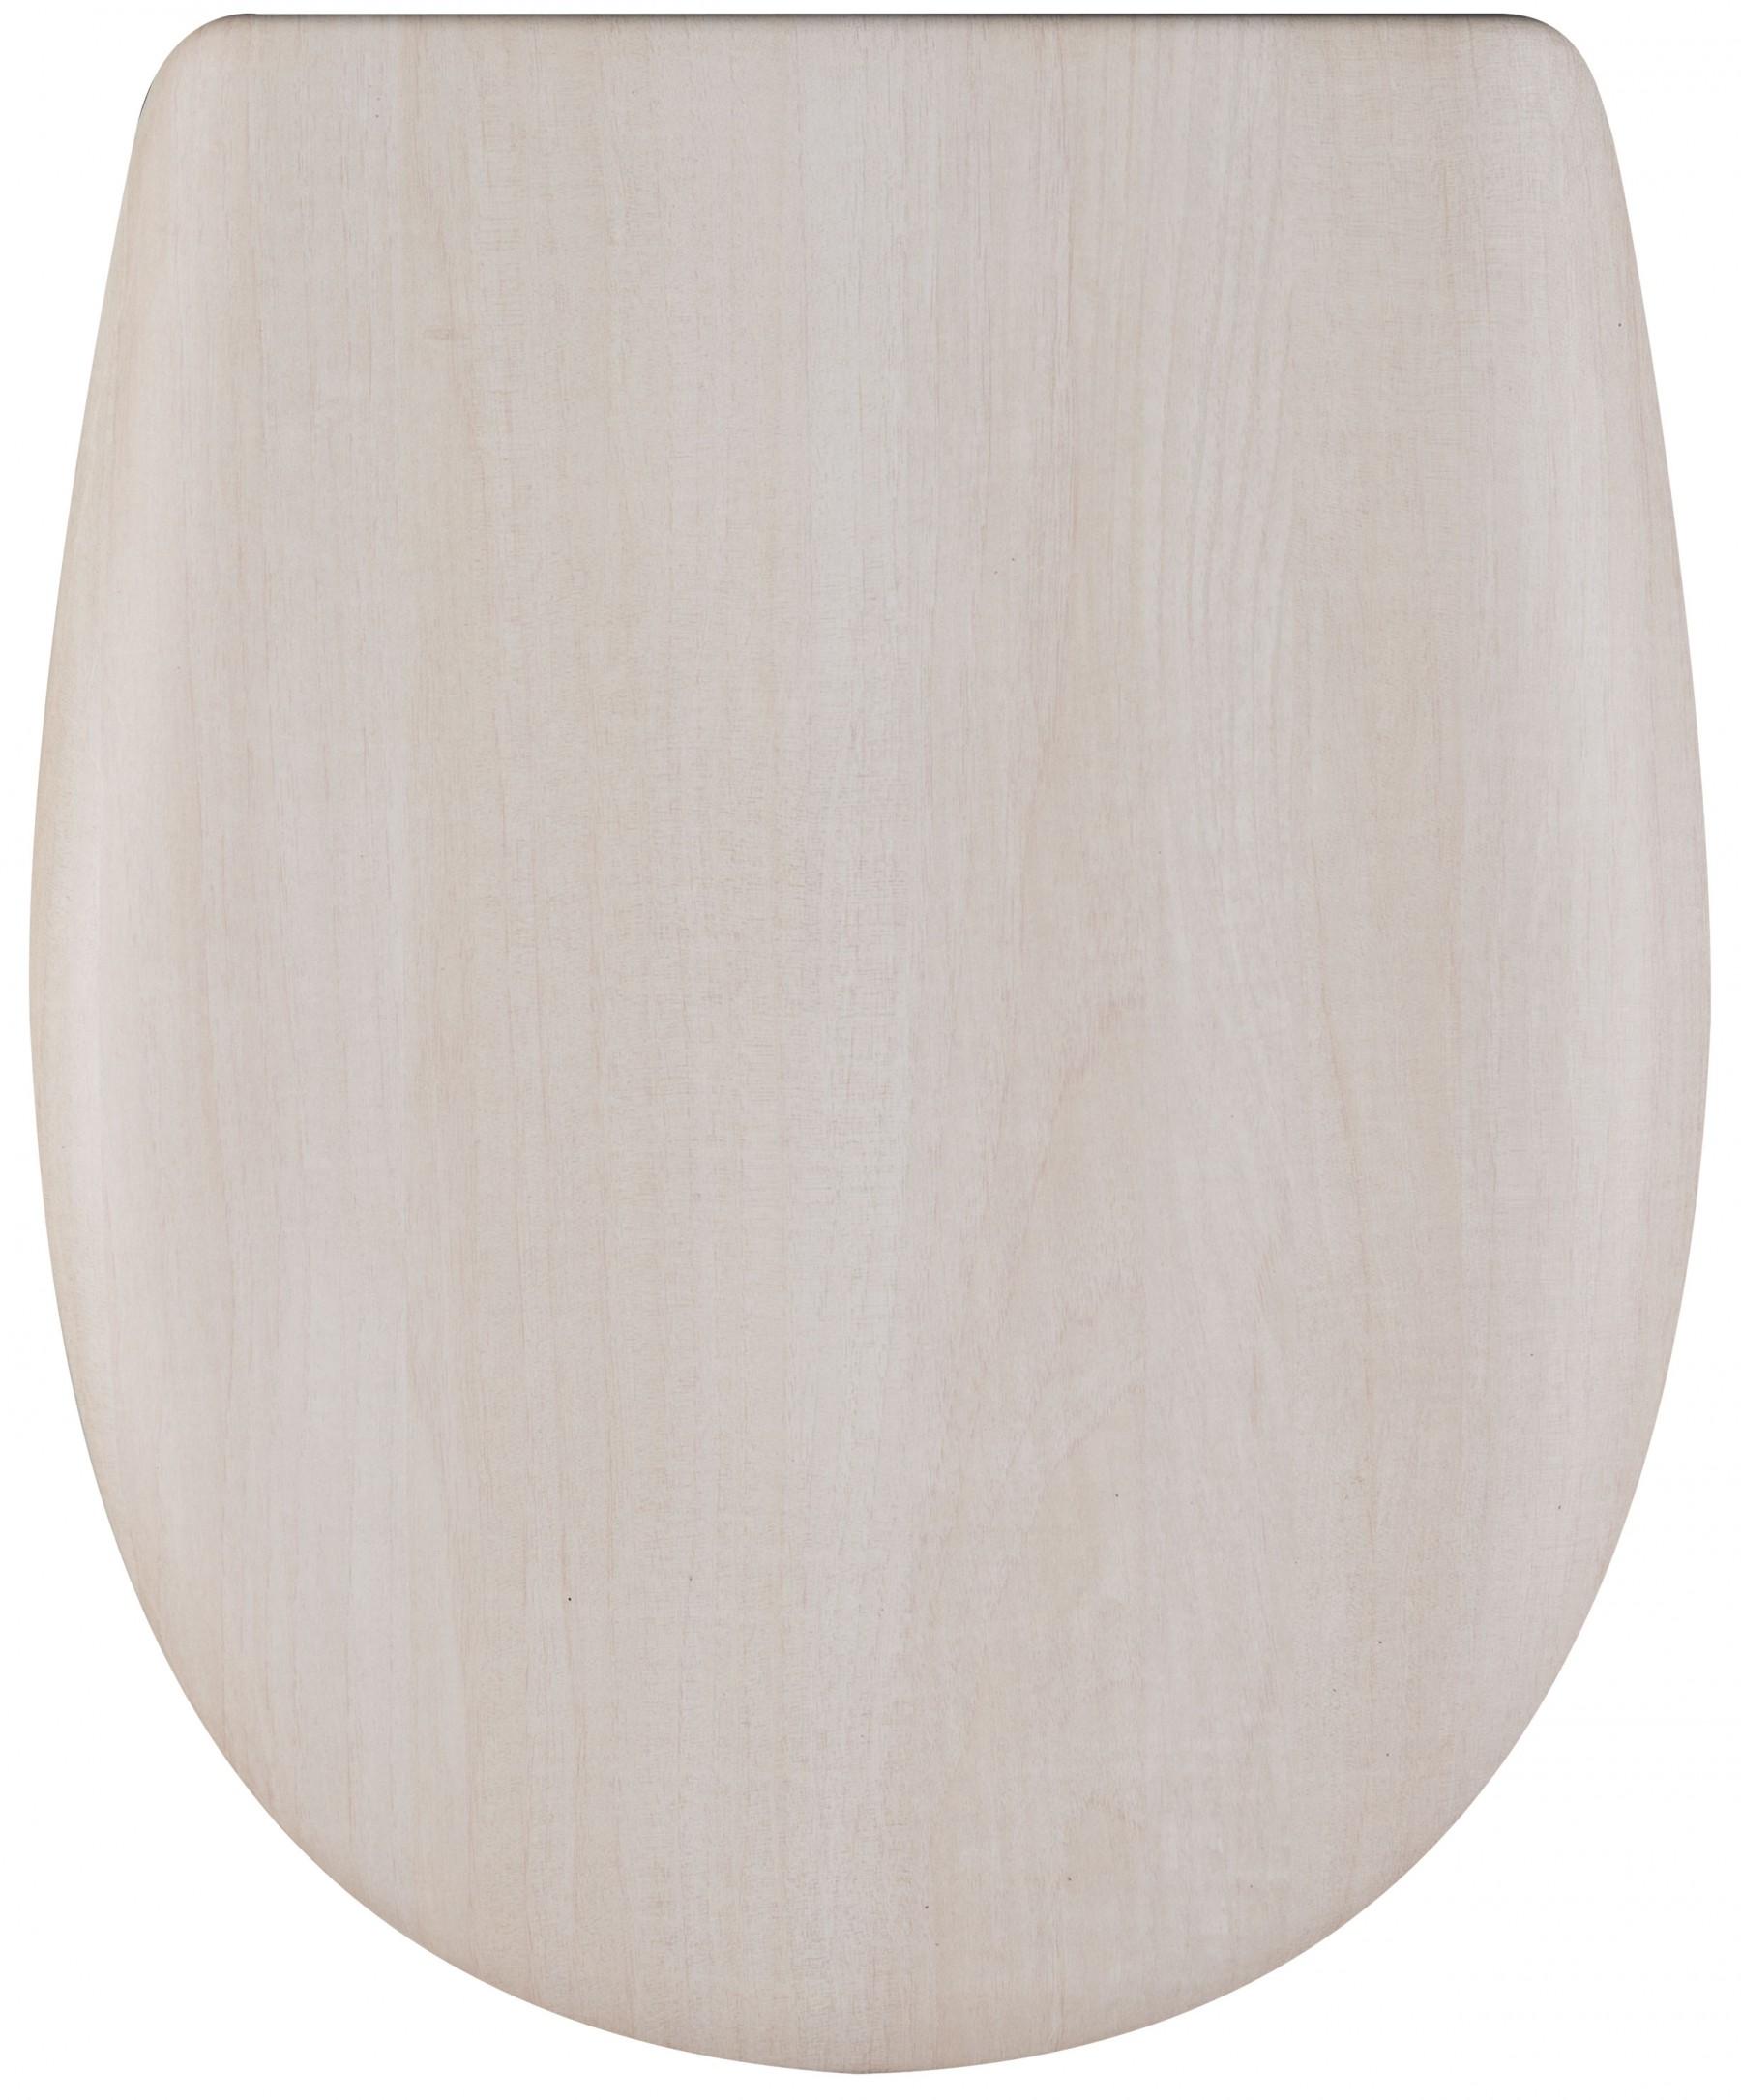 Ariane Sun Wood mat